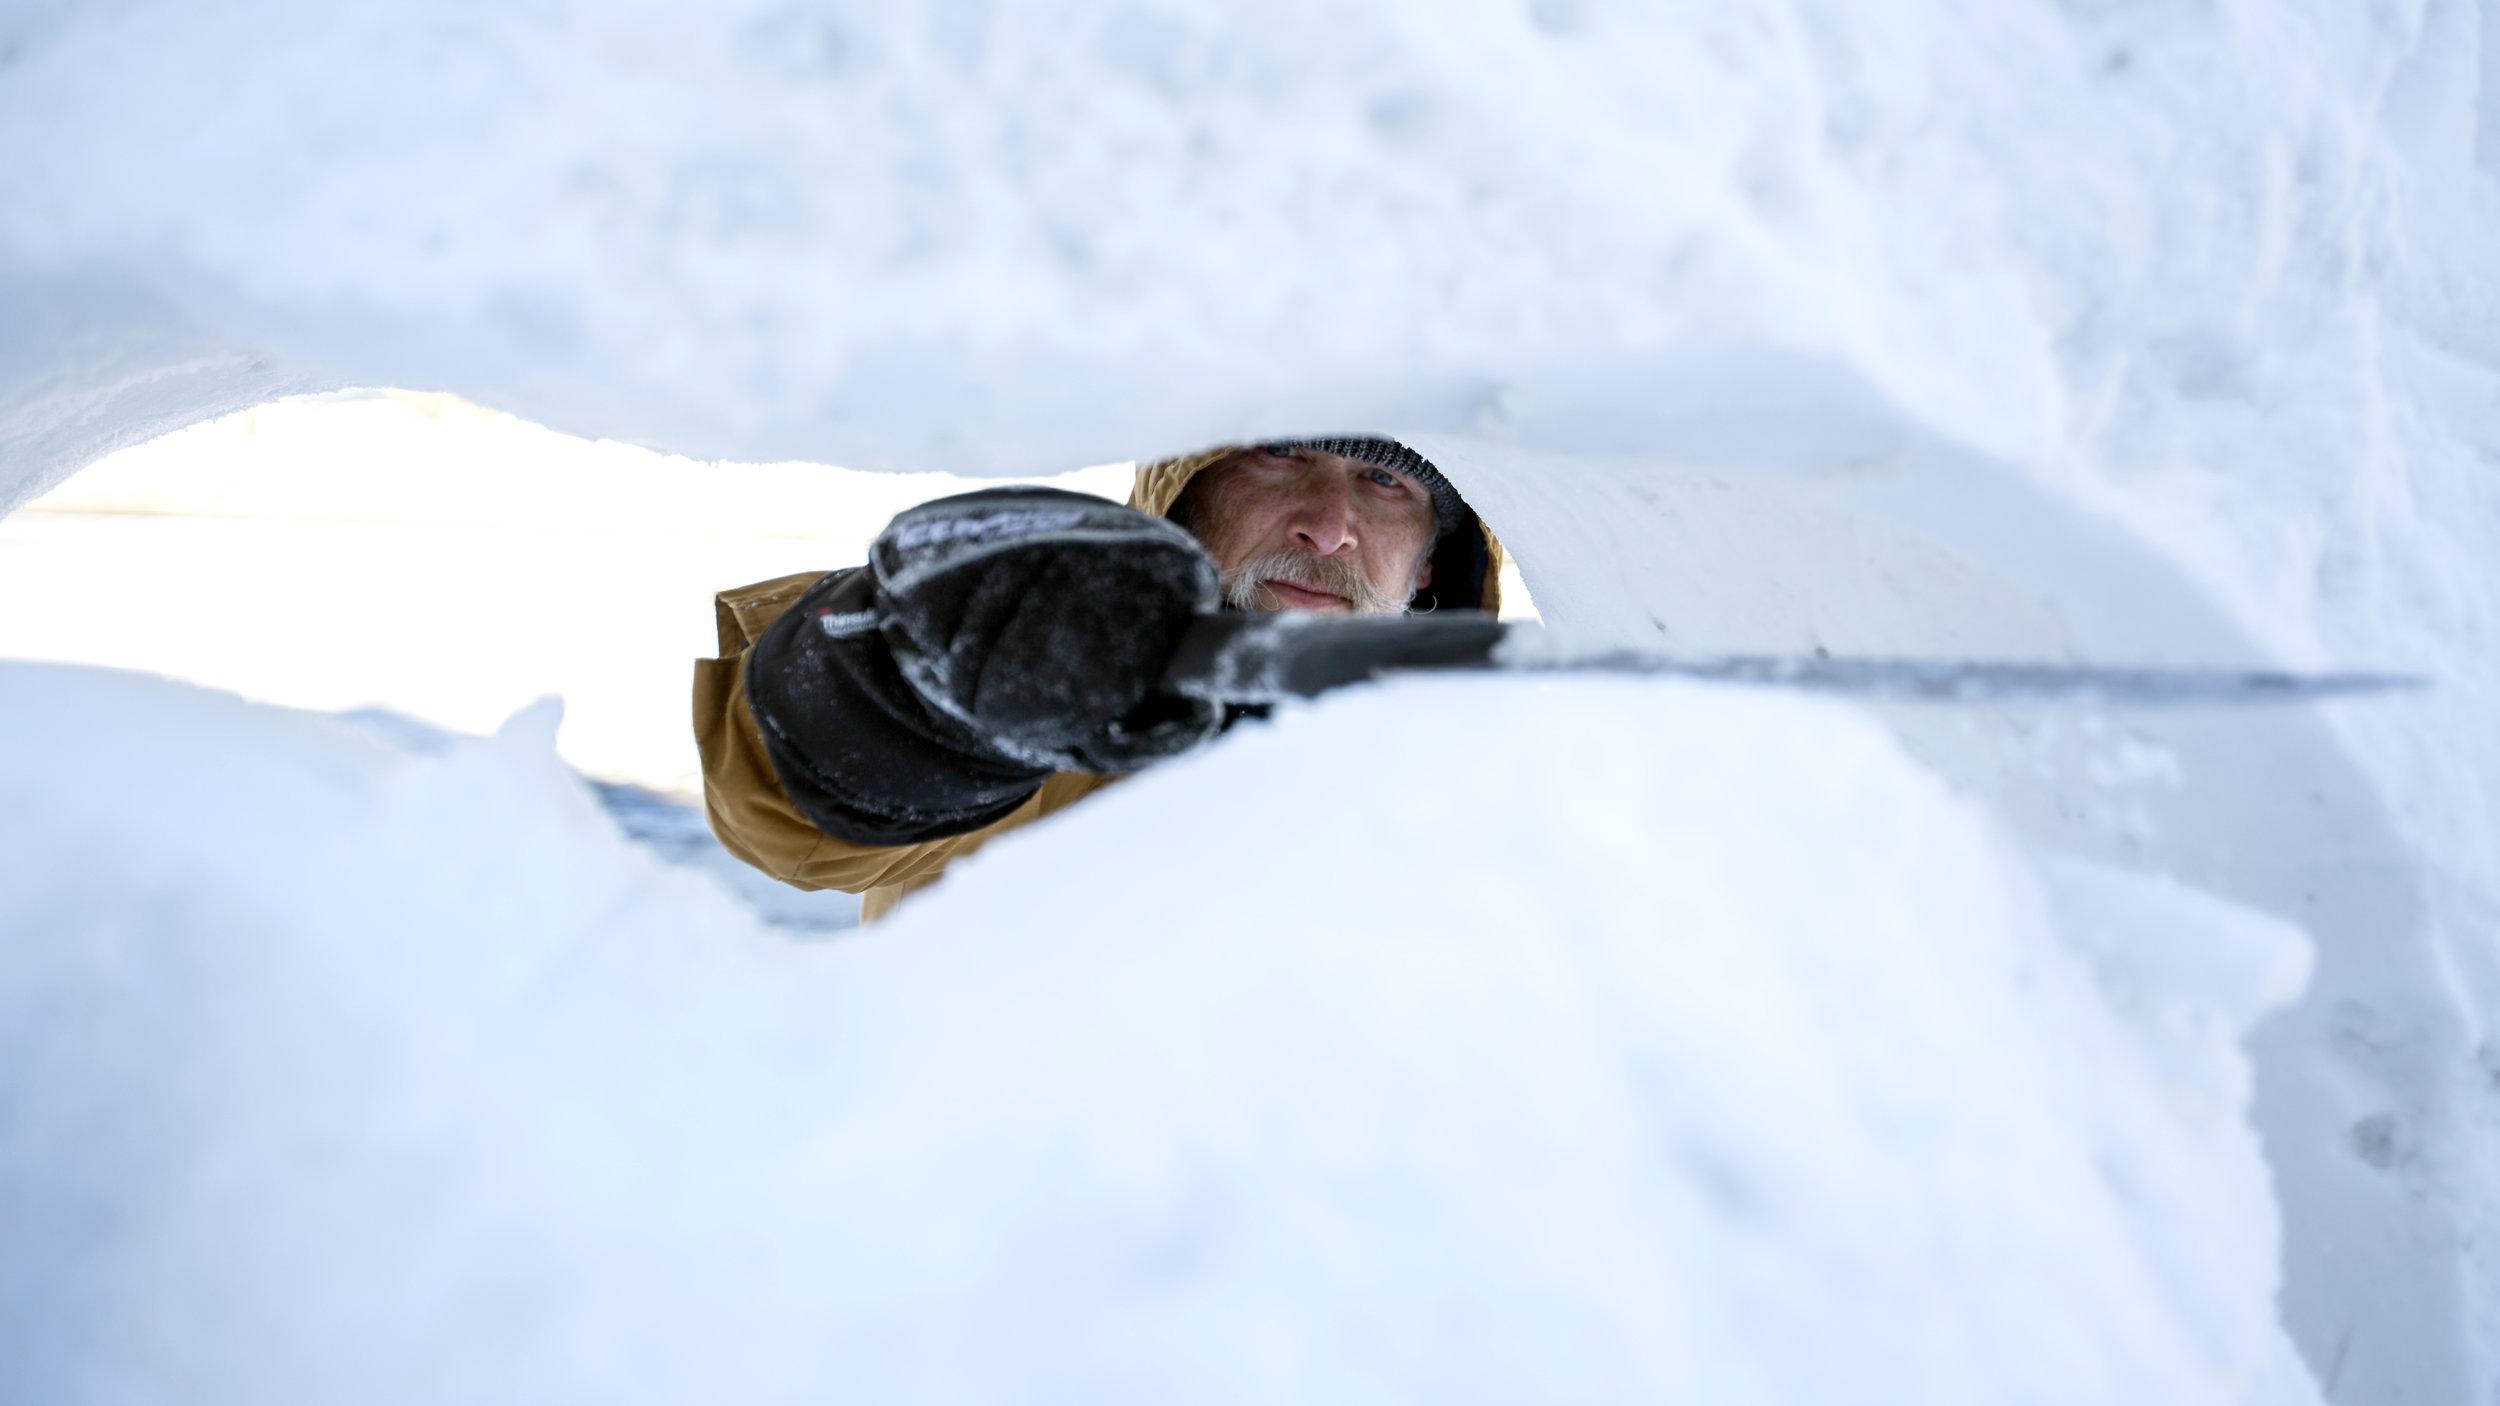 021018 Snow Artist Jef Schobert 01 video.jpg